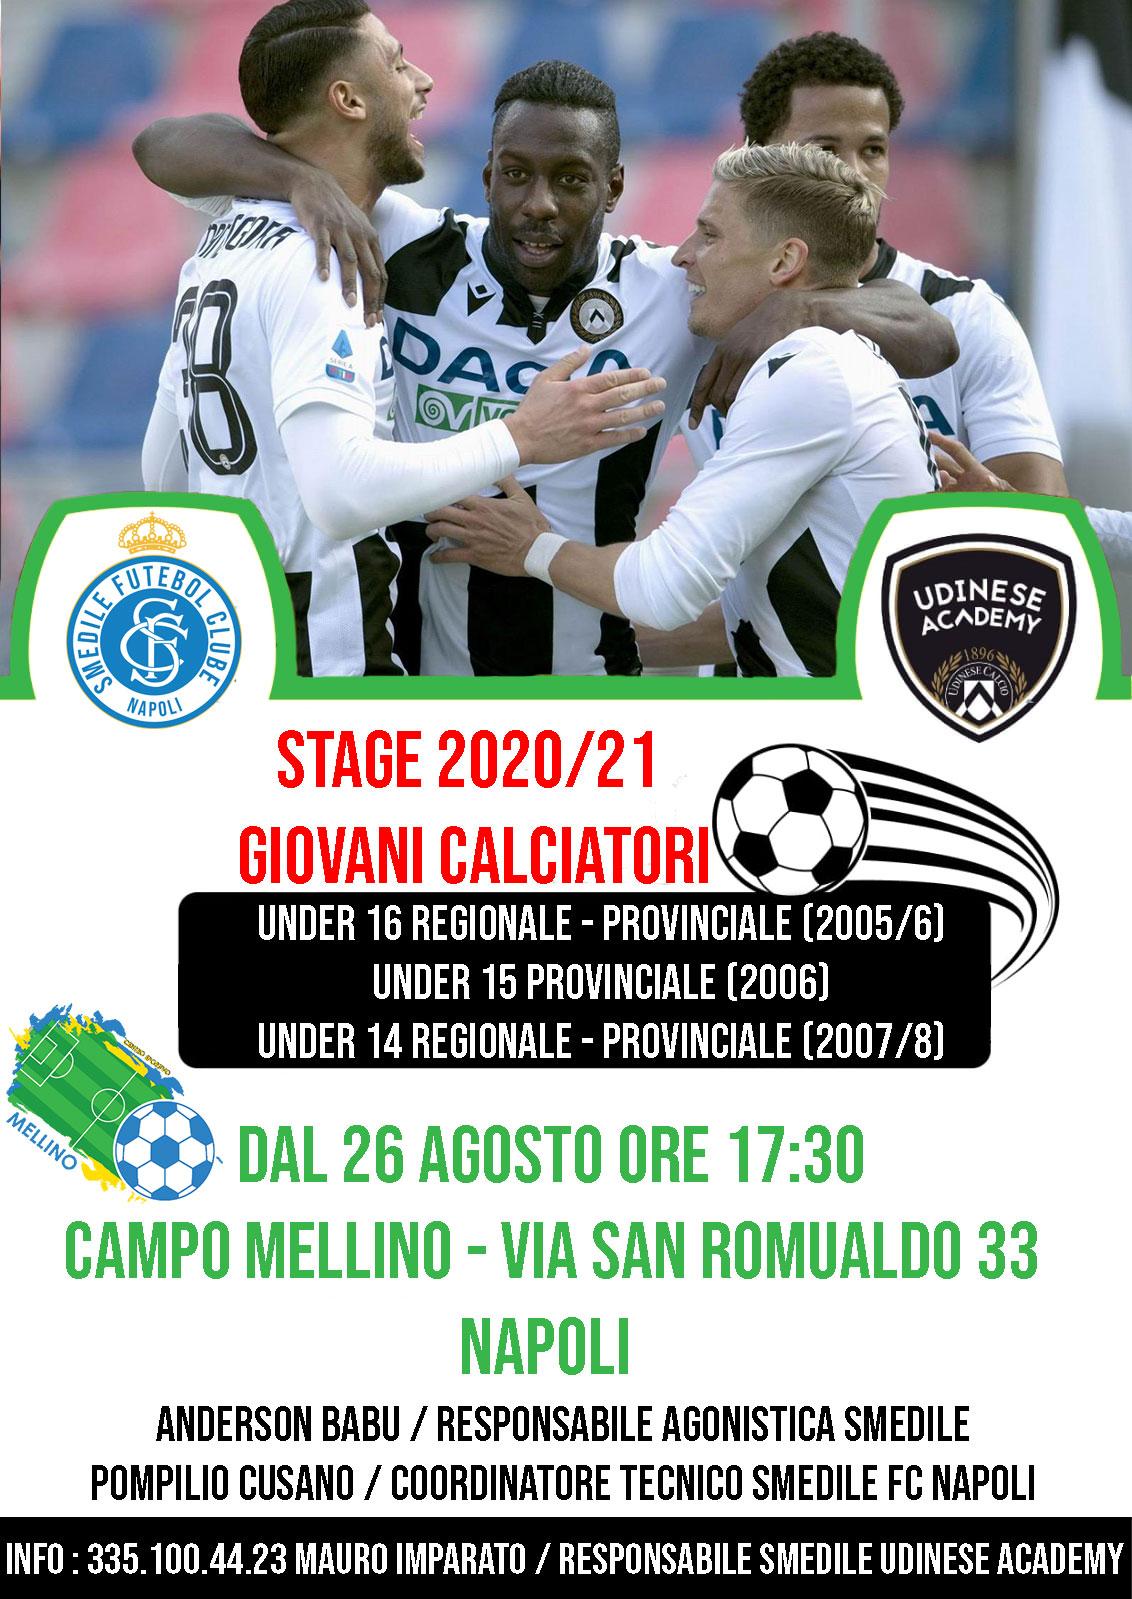 STAGE 2020/21 – CENTRO SPORTIVO MELLINO